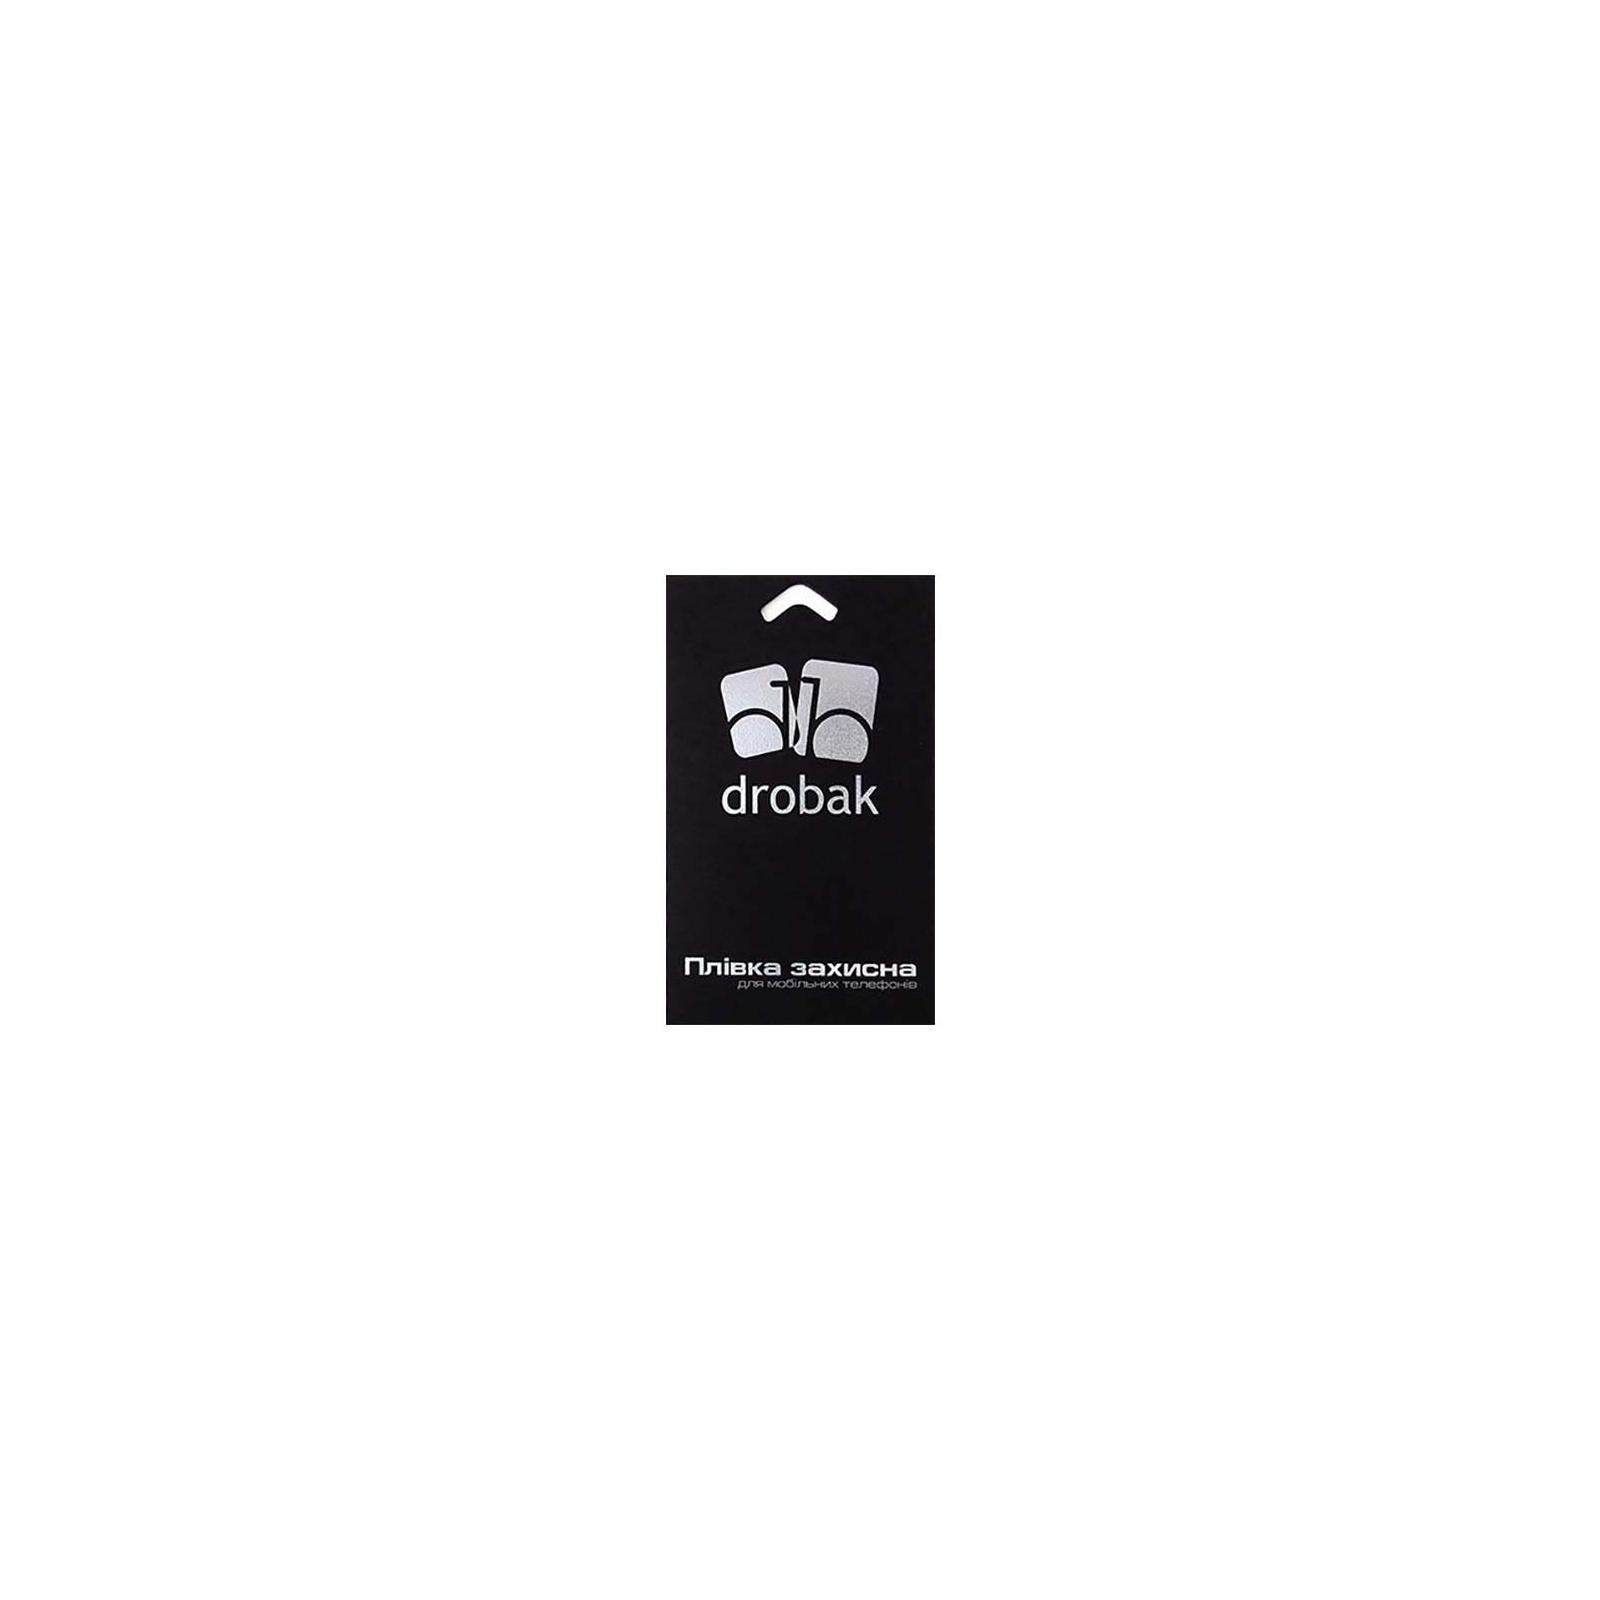 Пленка защитная Drobak для Nokia Asha 502 (505119)